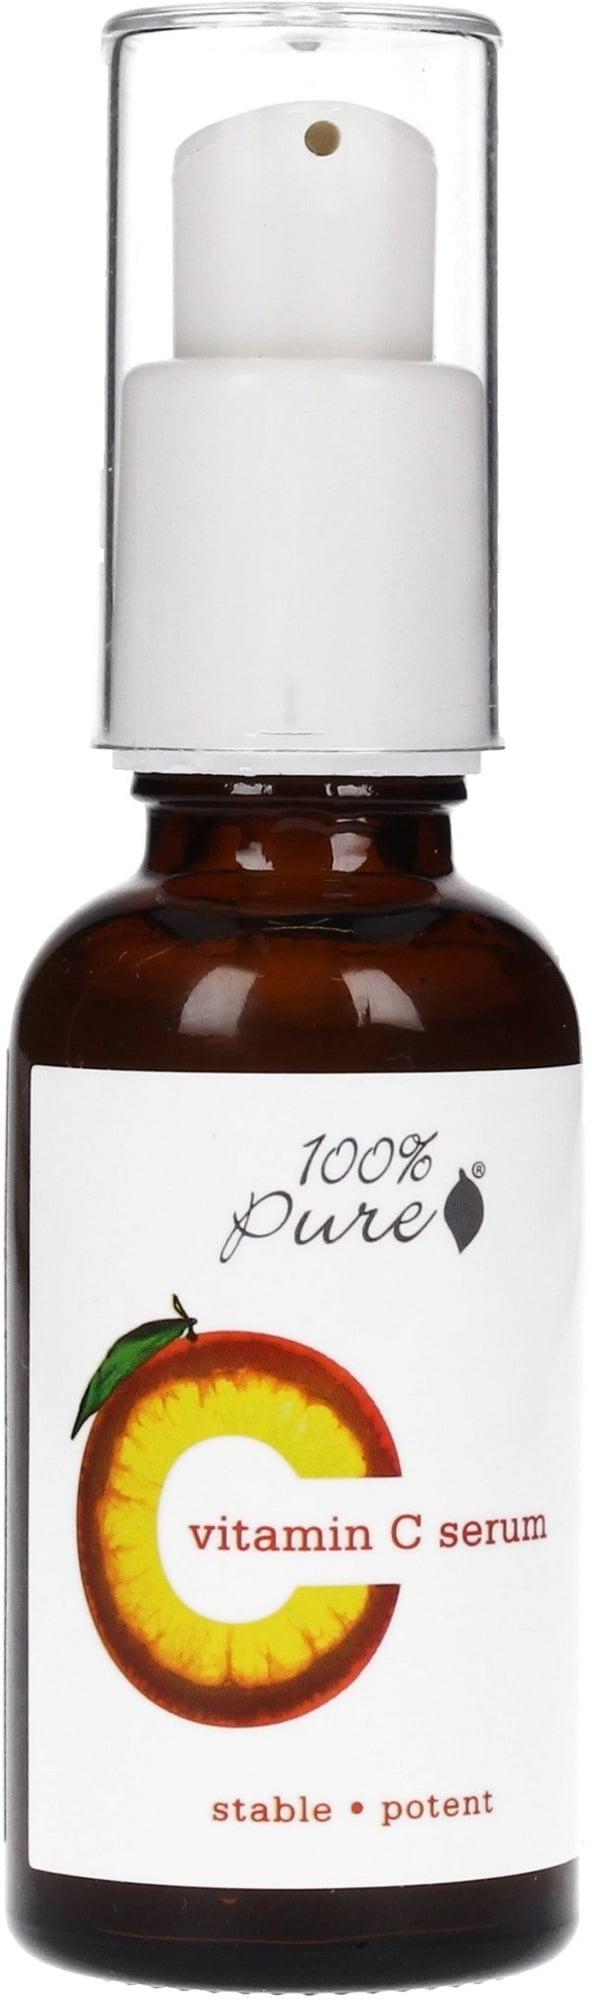 100% PURE Сыворотка с витамином С 30 мл